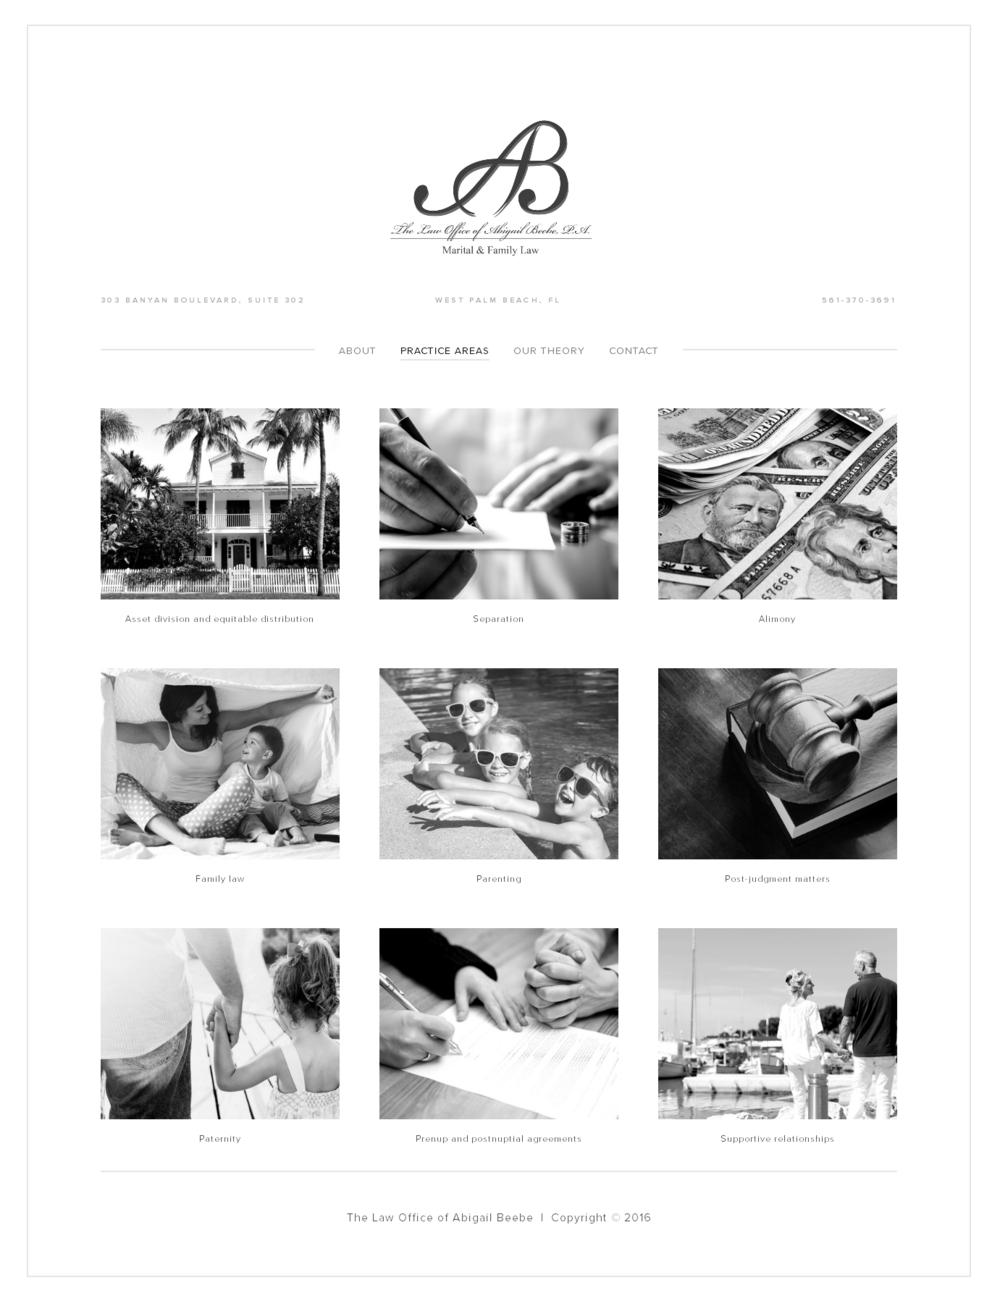 ideabar-dev.squarespace.com_2016-08-23_11-21-19.png